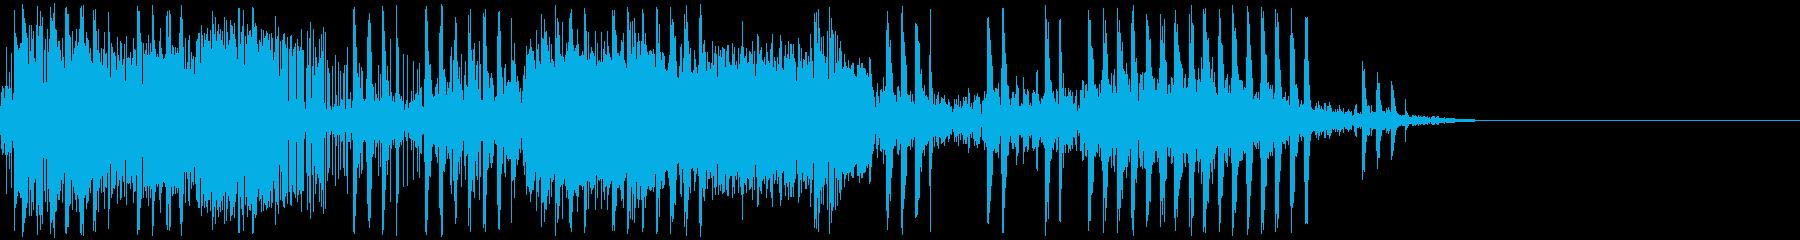 電気ショック/感電/ビリビリ/ビビビの再生済みの波形